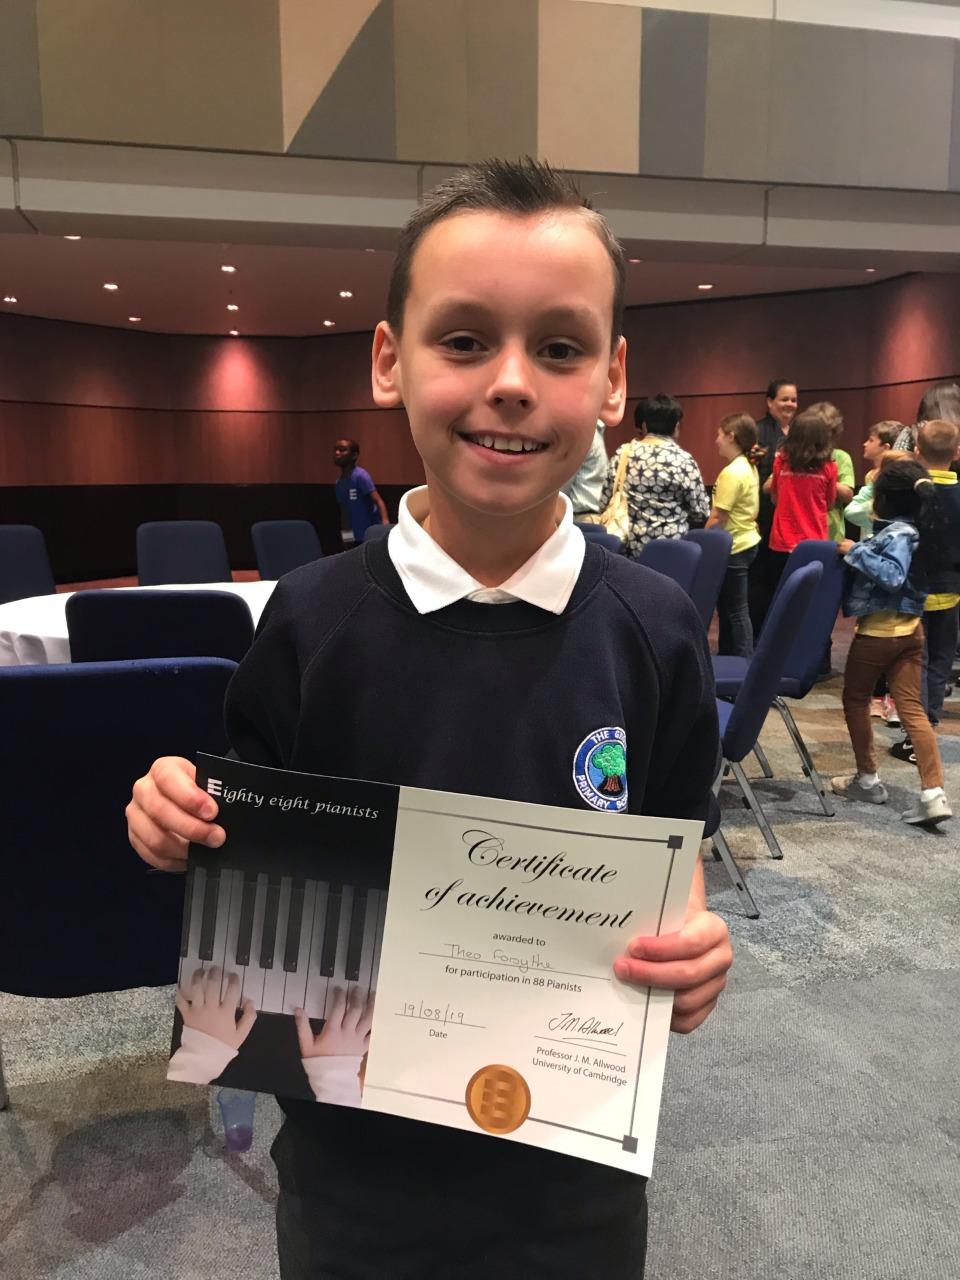 School boy helps break world record